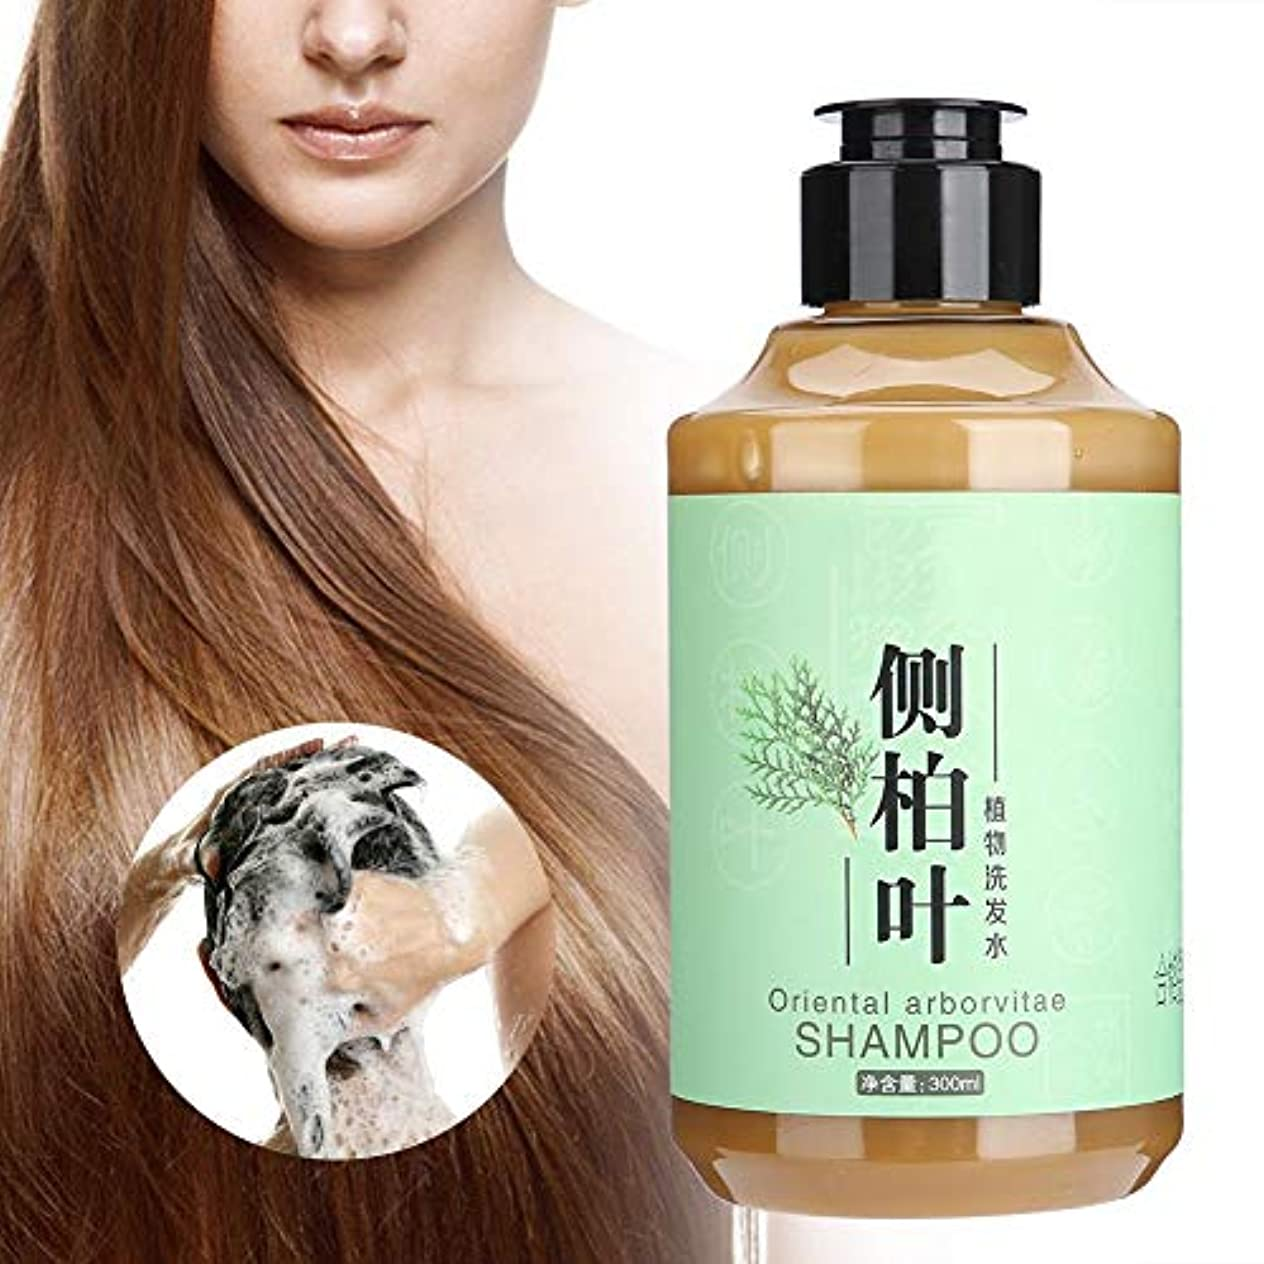 夕暮れカウンターパート子孫シャンプー、髪の毛の栄養補給、髪の毛の根元の栄養補給、すべての髪のタイプの男性と女性のための抜け毛の栄養補給用シャンプー